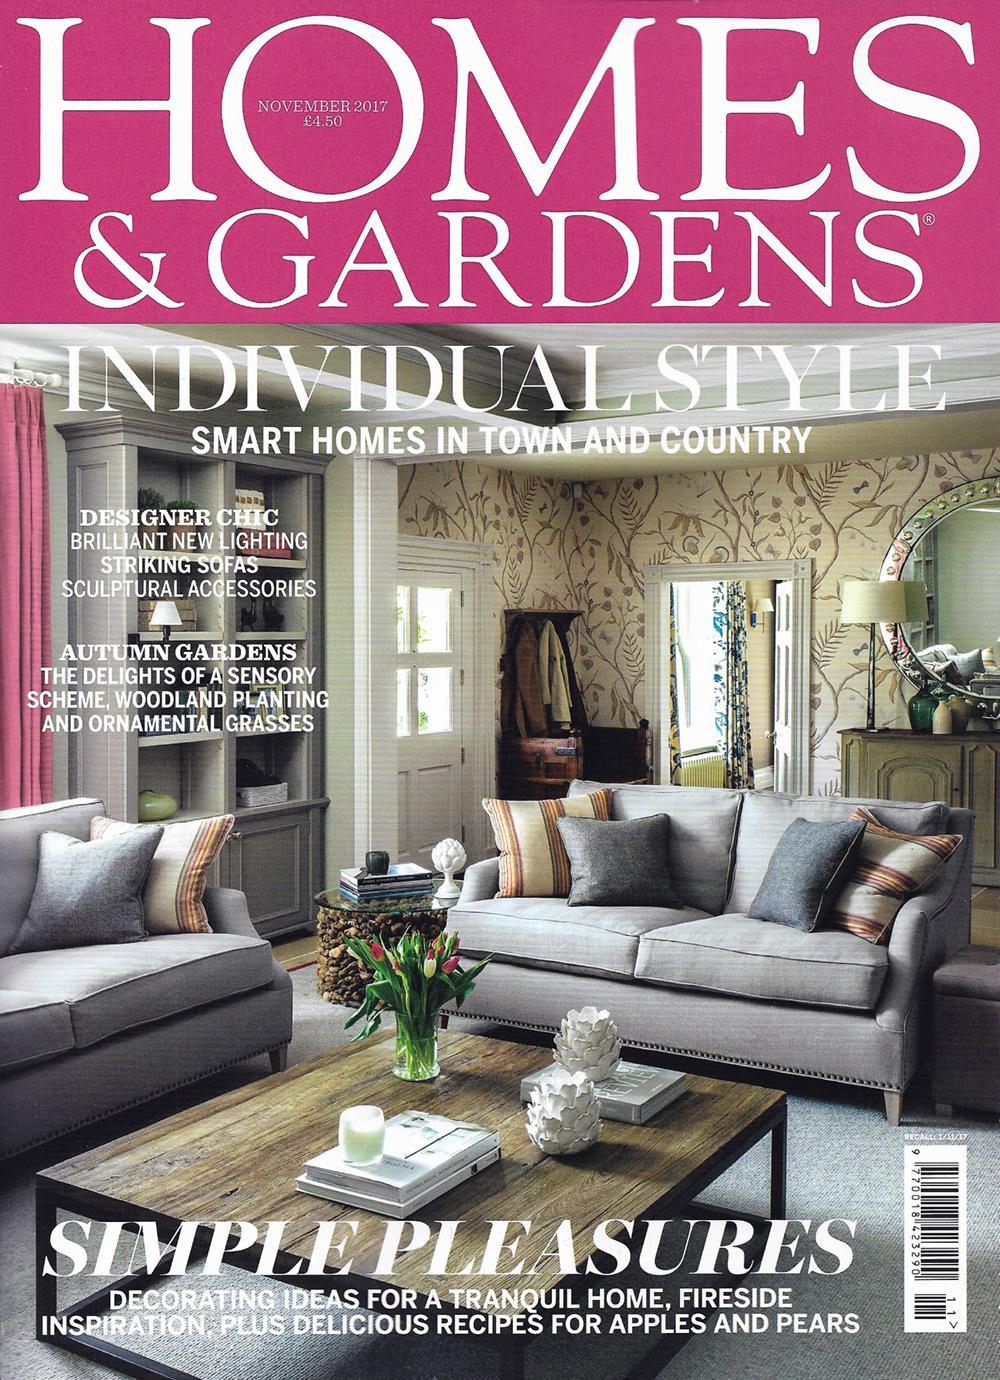 Homes & Gardens (November Issue)